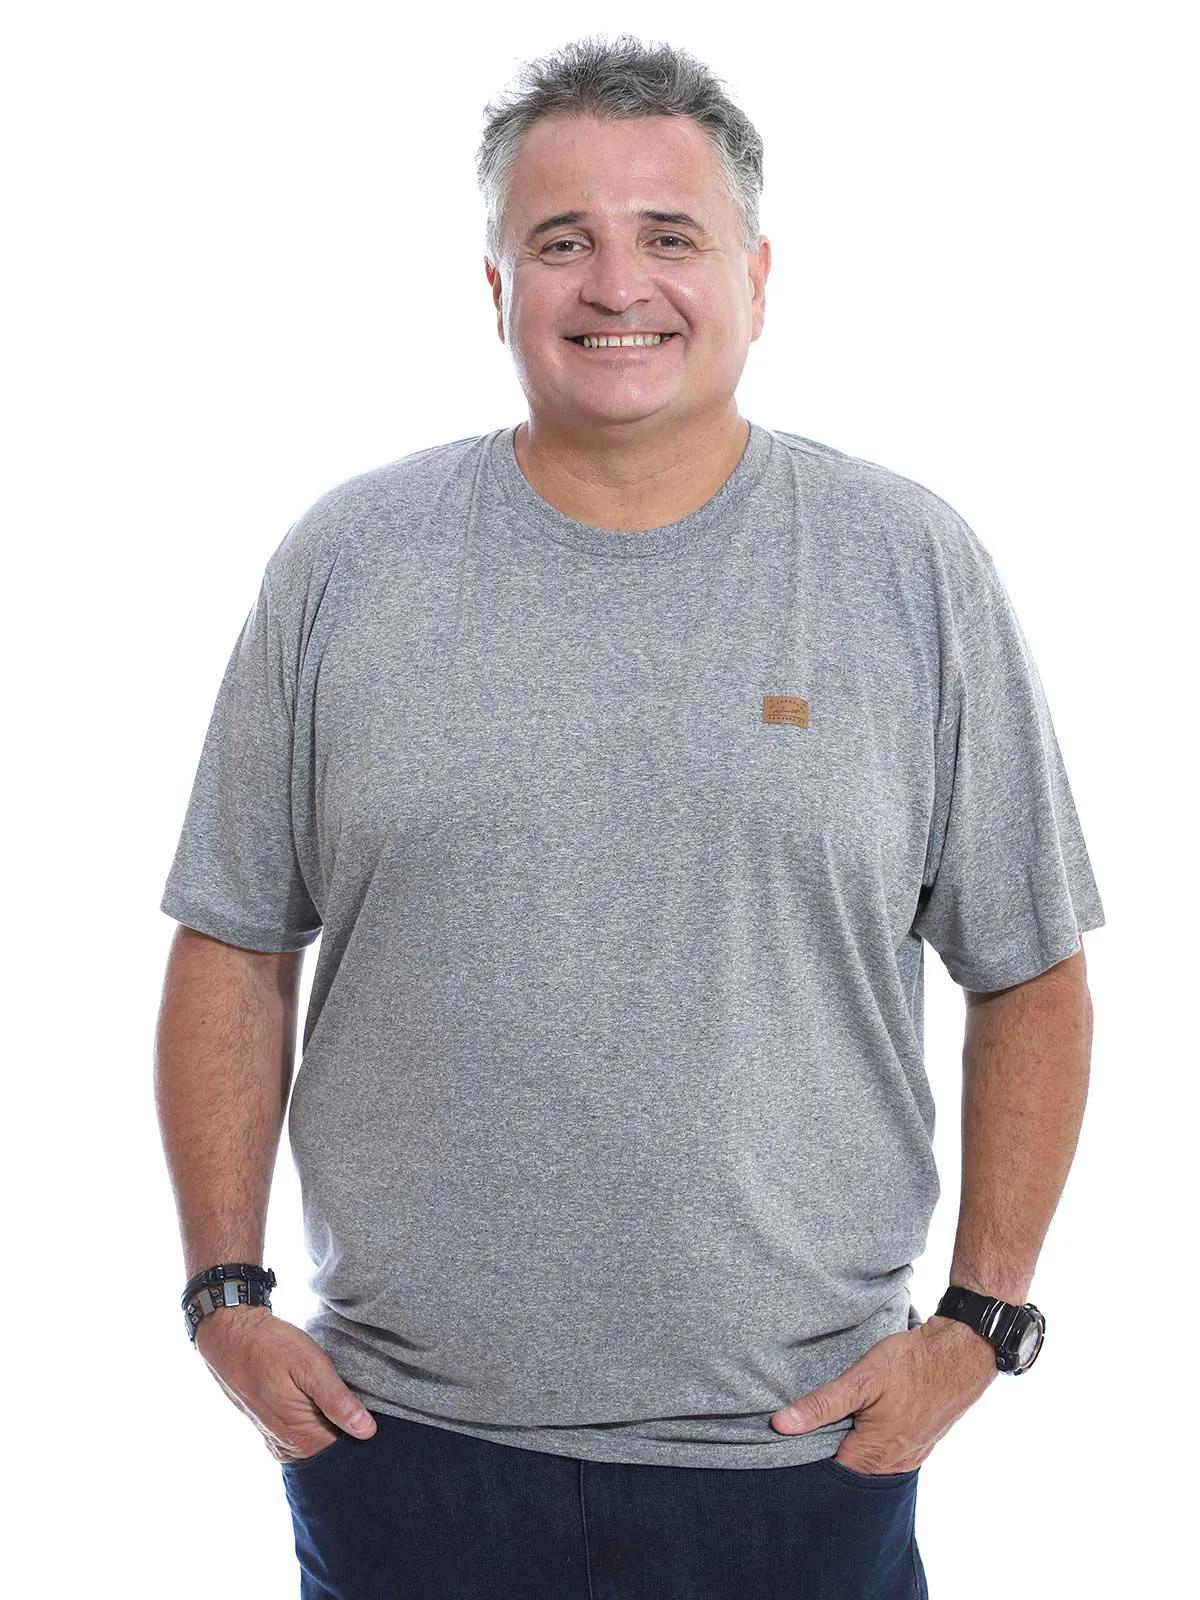 Camiseta Plus Size Masculina Manga Curta Mouline Mescla Claro